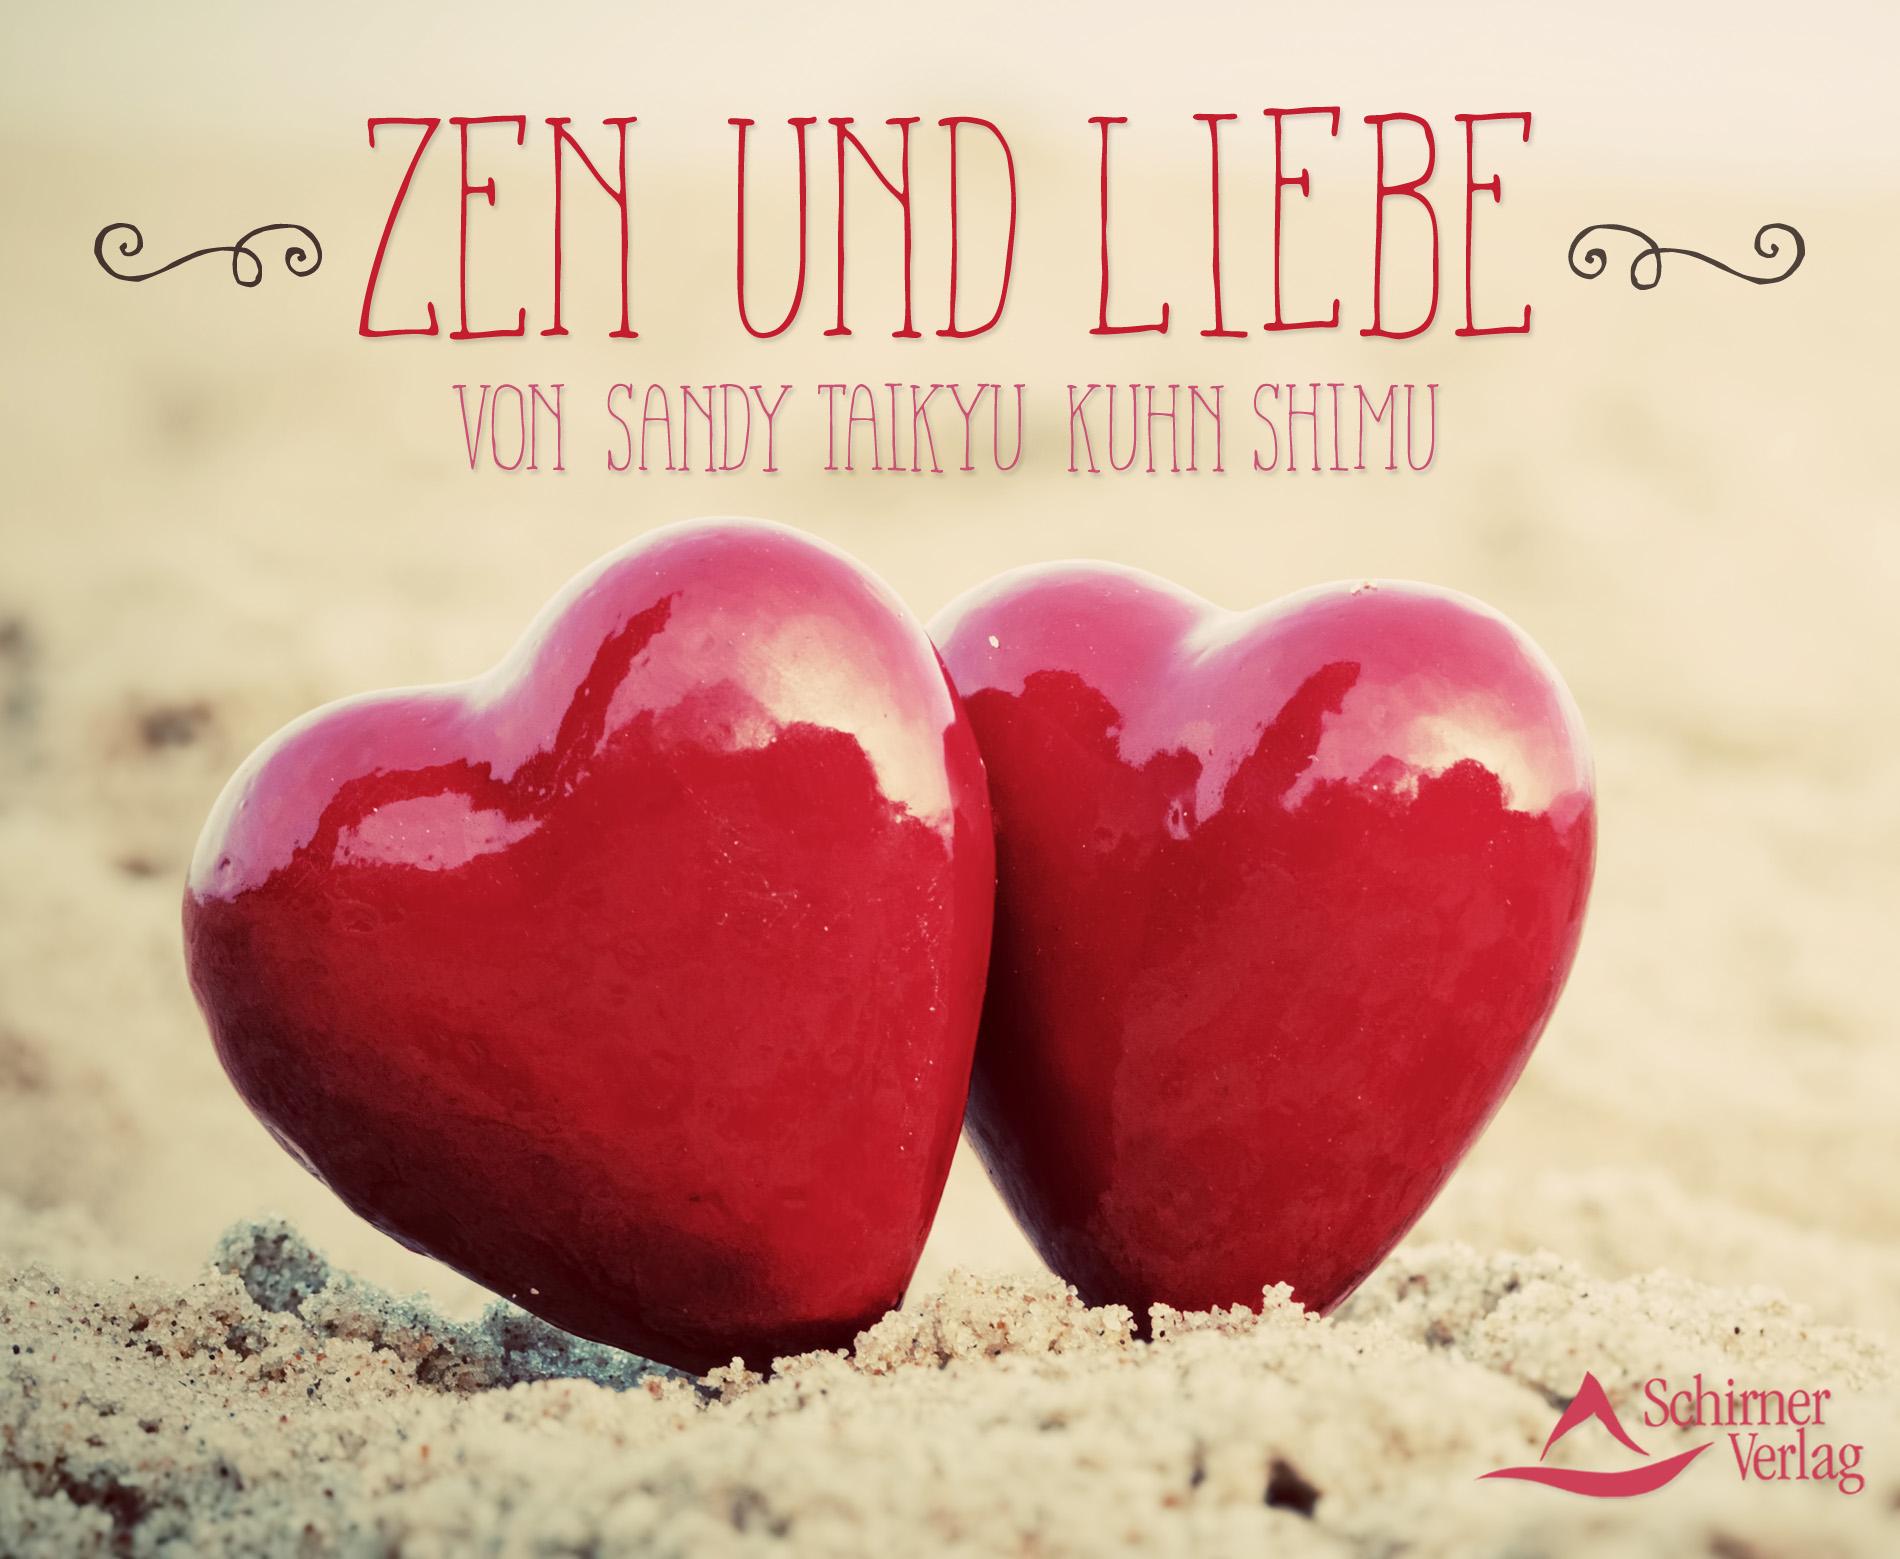 Zen Liebe Von Sandy Taikyu Kuhn Shimu Schirner Verlag